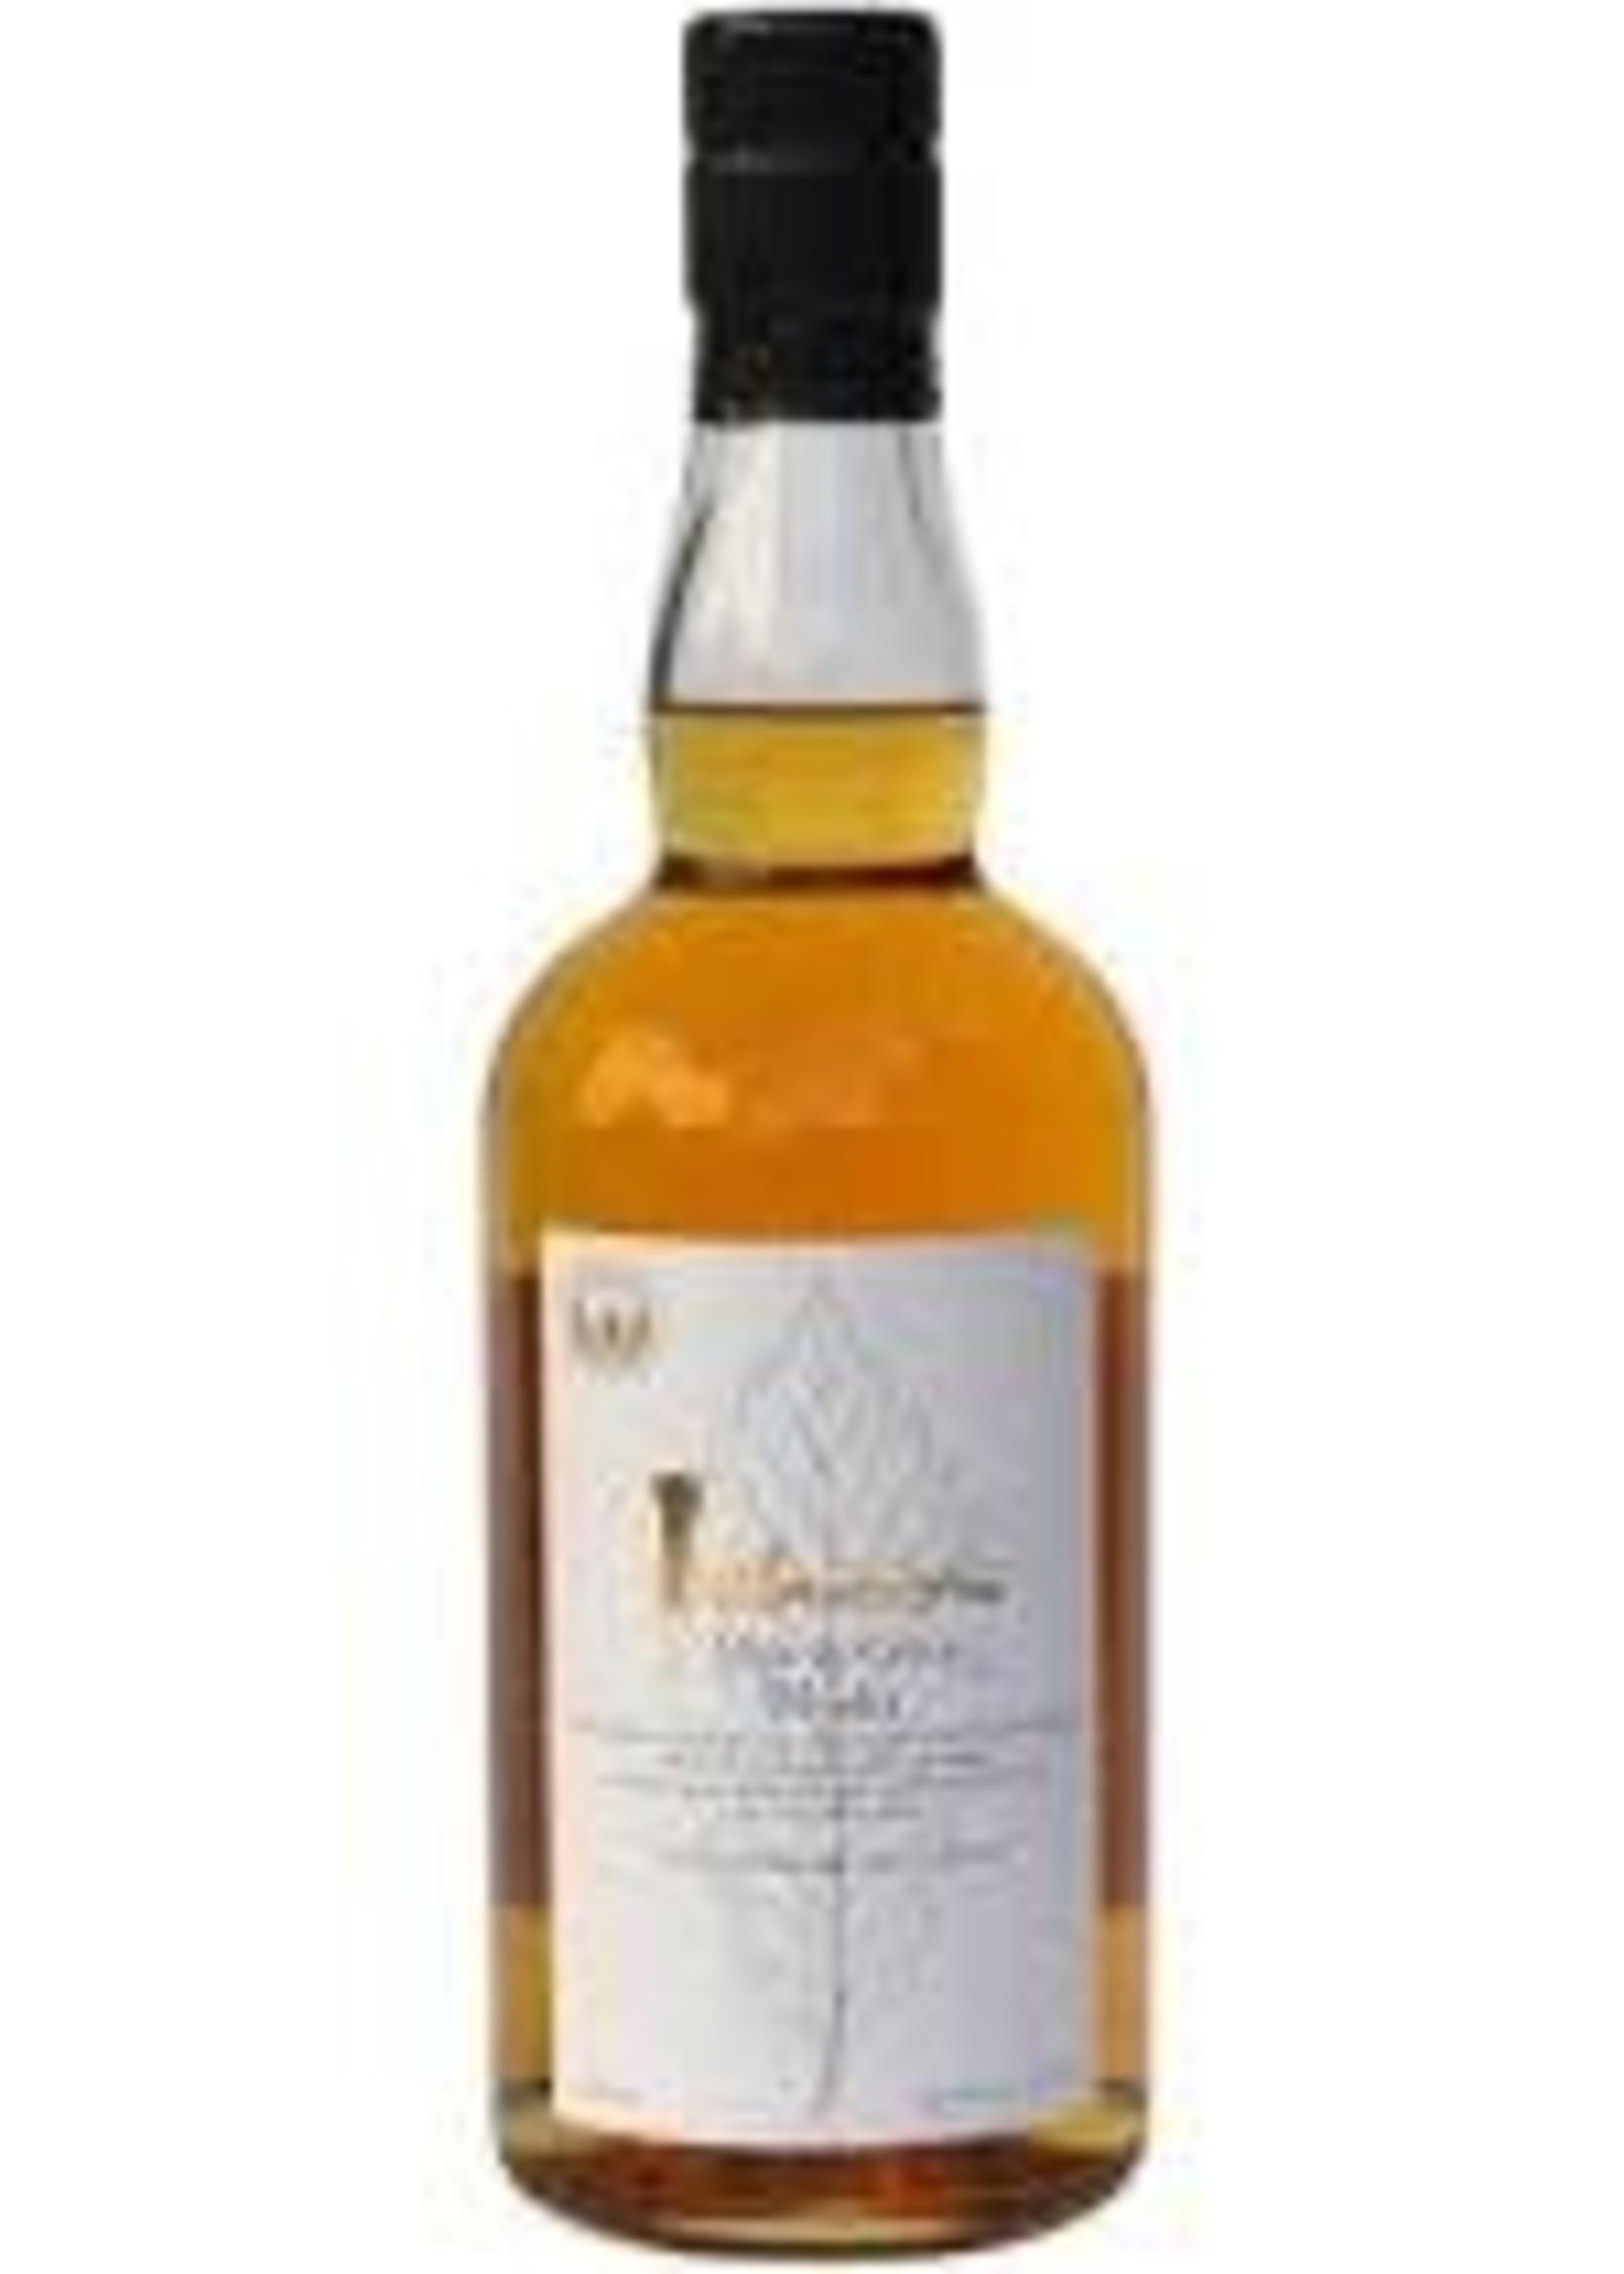 Ichiro's Malt & Grain All World Blend Whisky 750ml